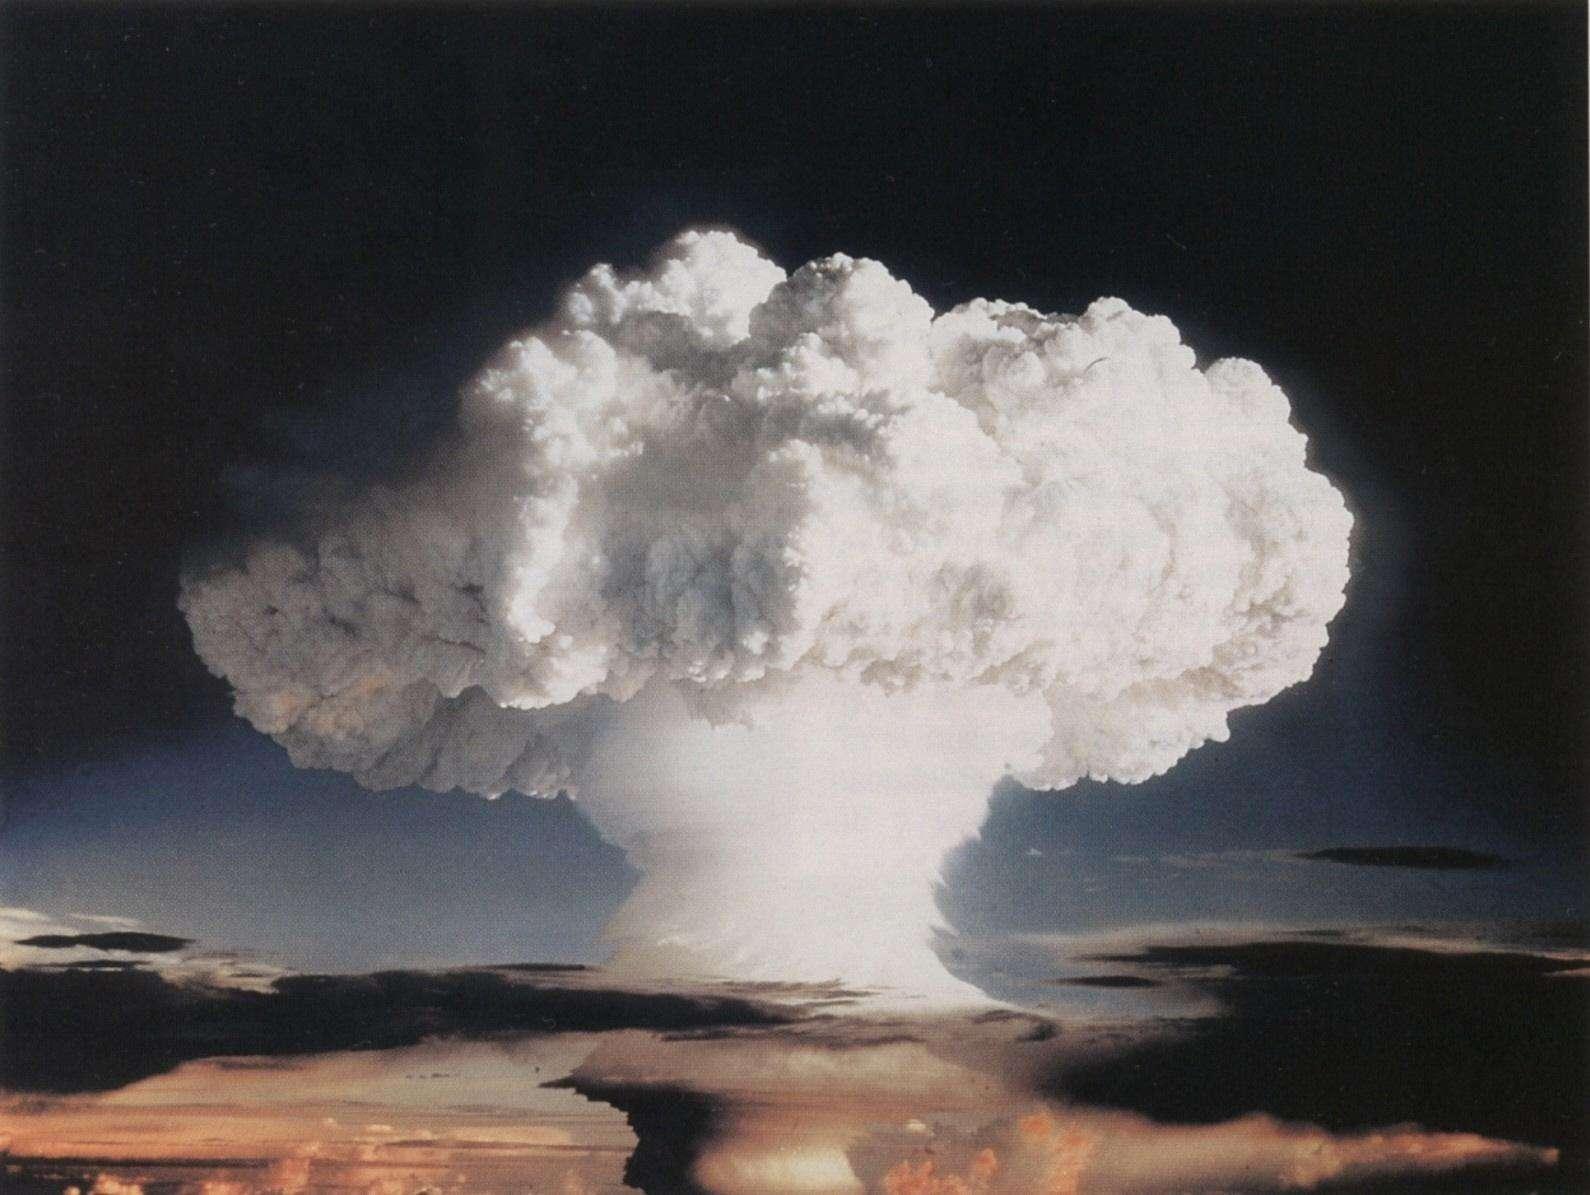 未来武器,美俄正各走一条路!英国对俄制海燕巡航导弹发出警告